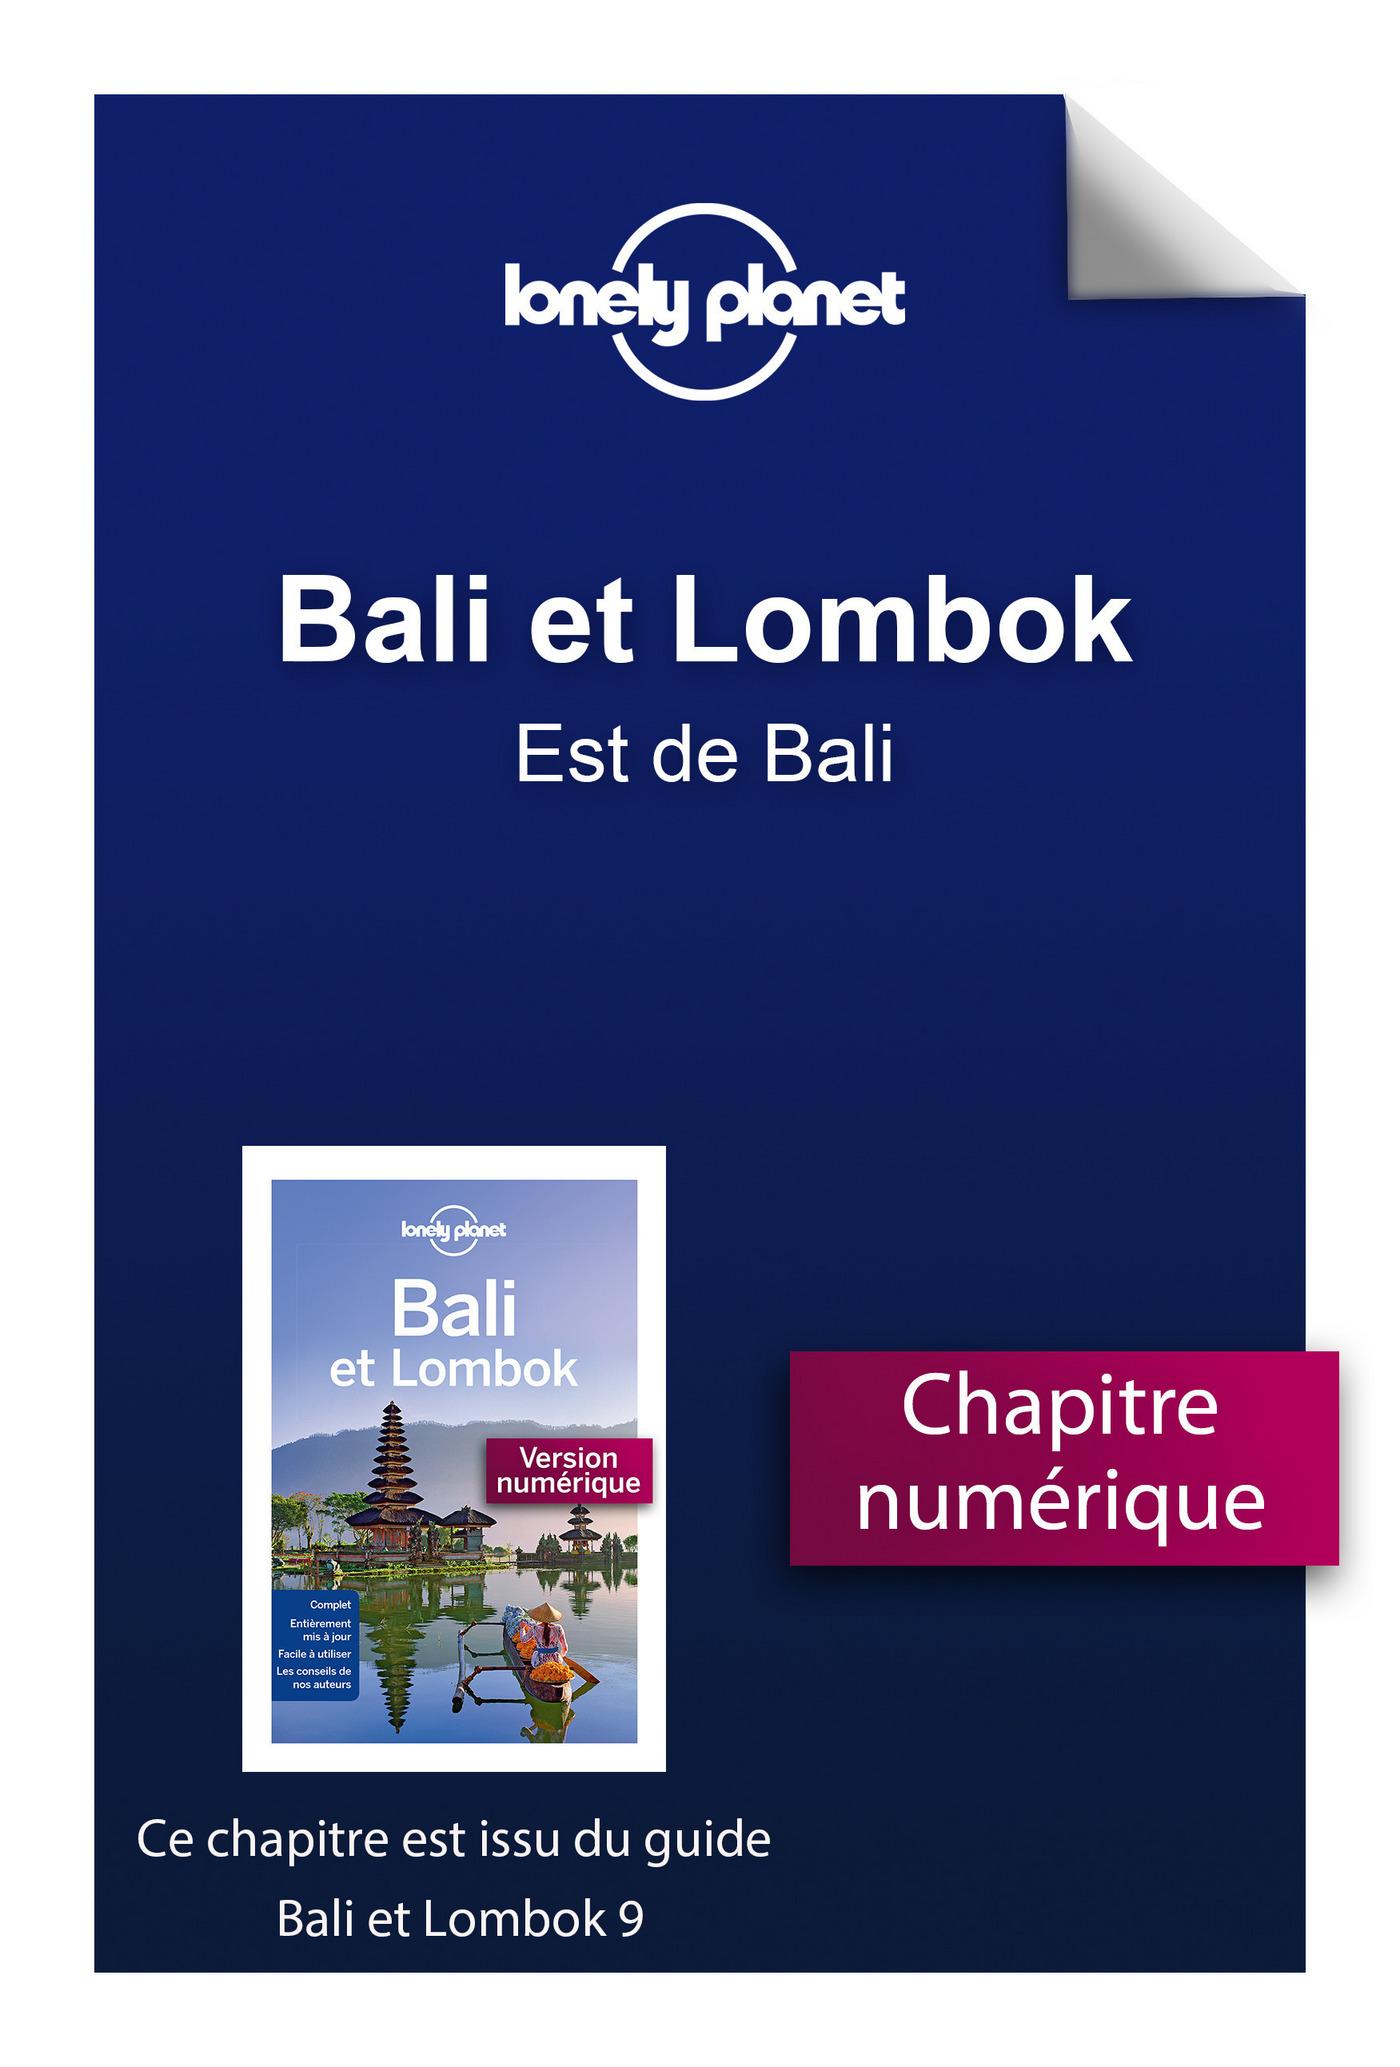 Bali et Lombok 9 - Est de Bali